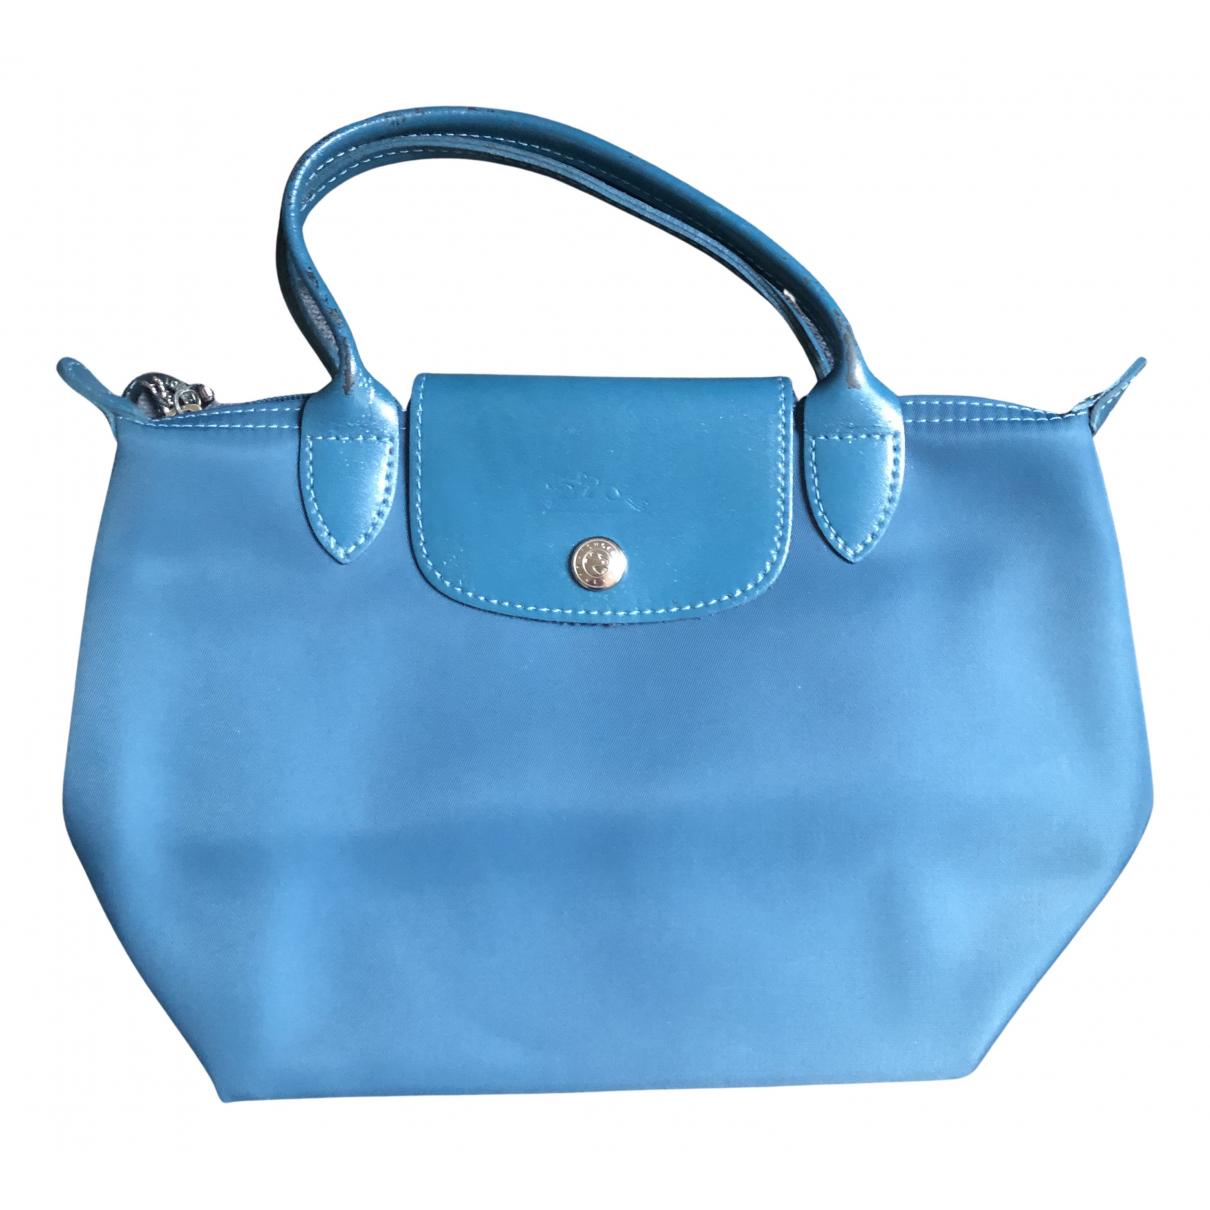 Longchamp - Sac a main Pliage  pour femme en toile - turquoise